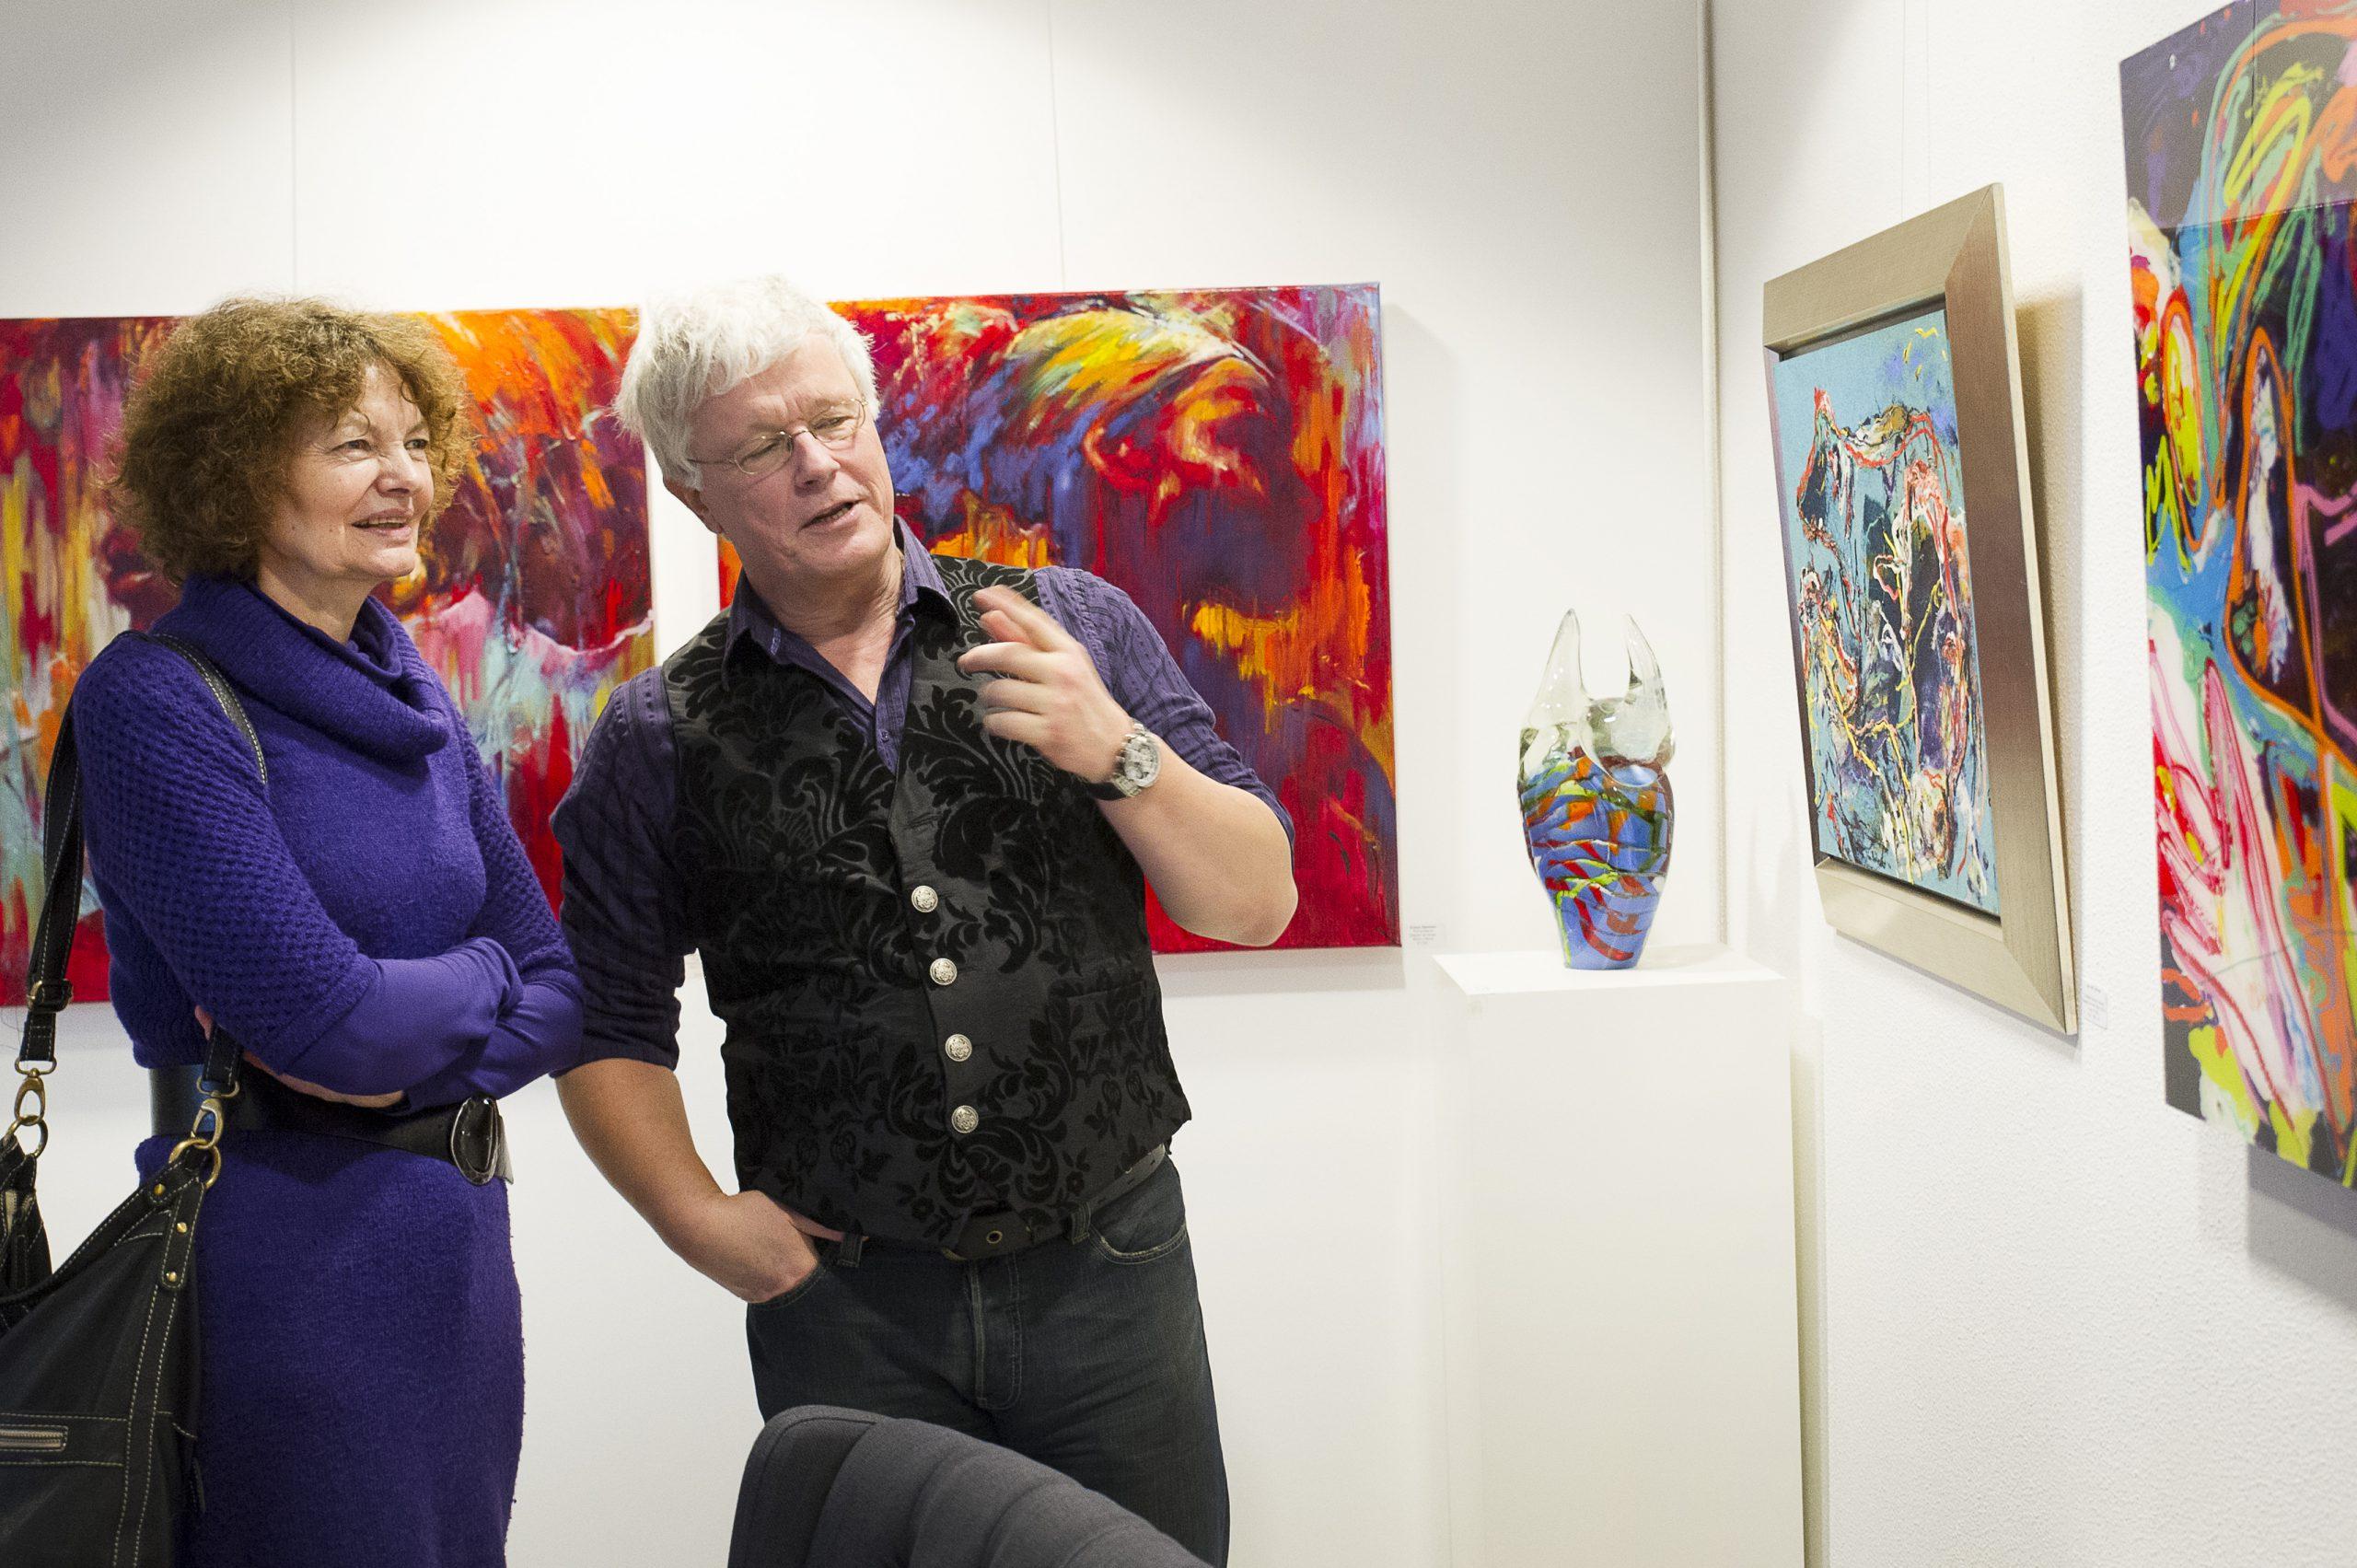 Sfeer Expositie 'PUIK' 2014 bij Sille gallery